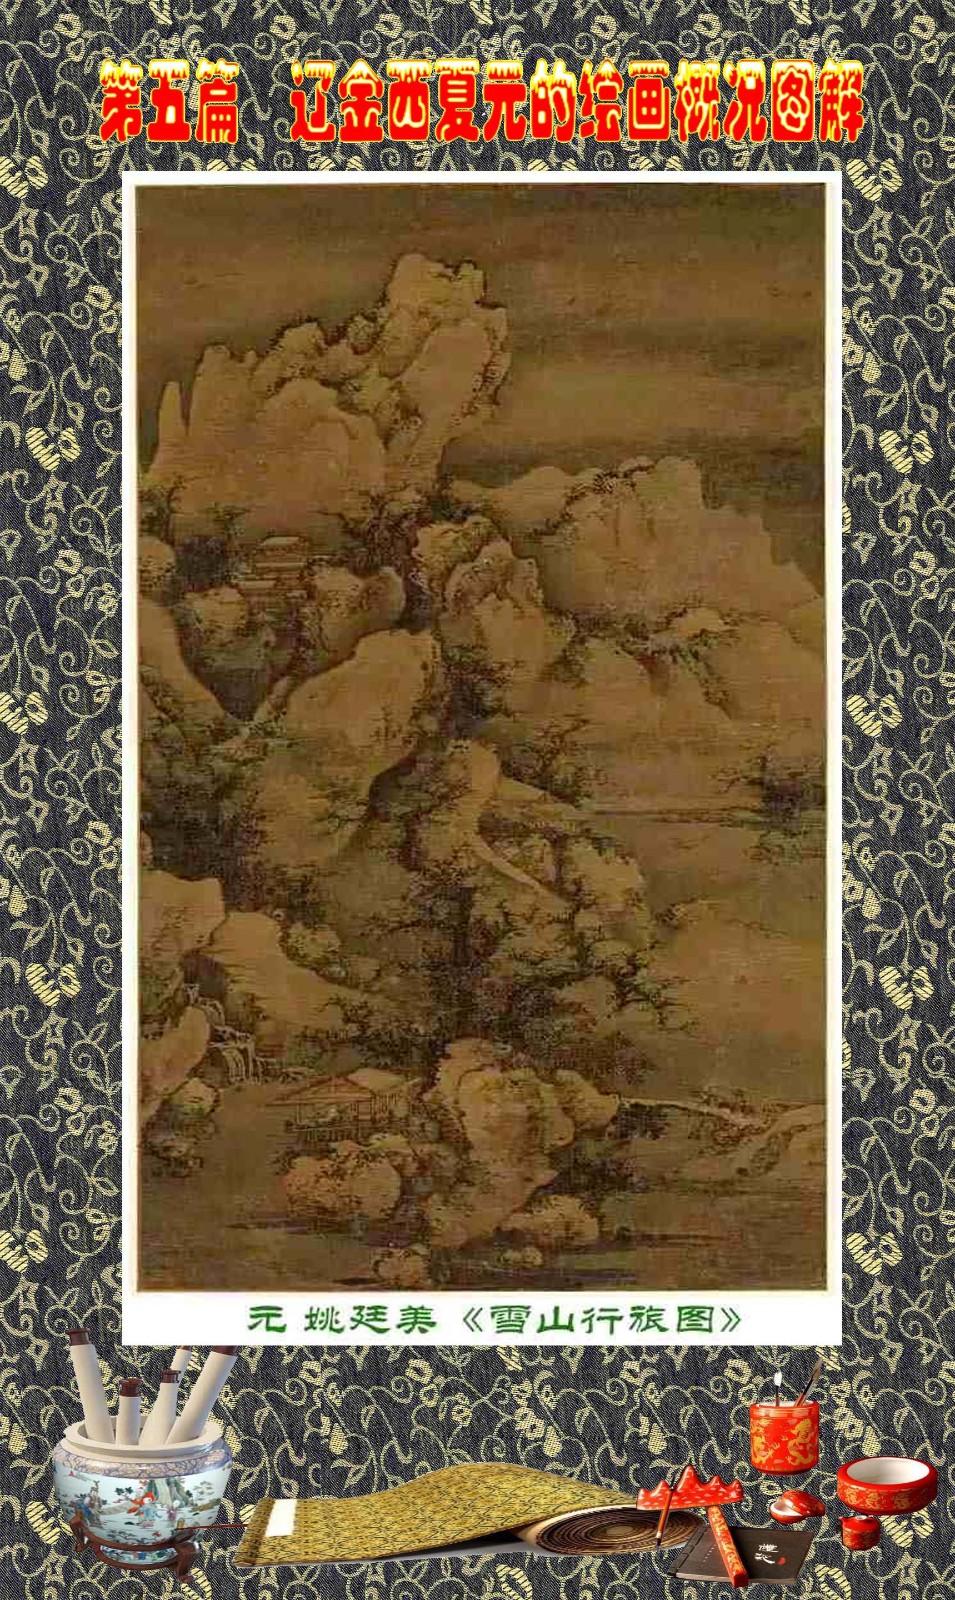 顾绍骅编辑 中国画知识普及版 第五篇 辽金西夏元的绘画概况 下 ... ..._图1-76